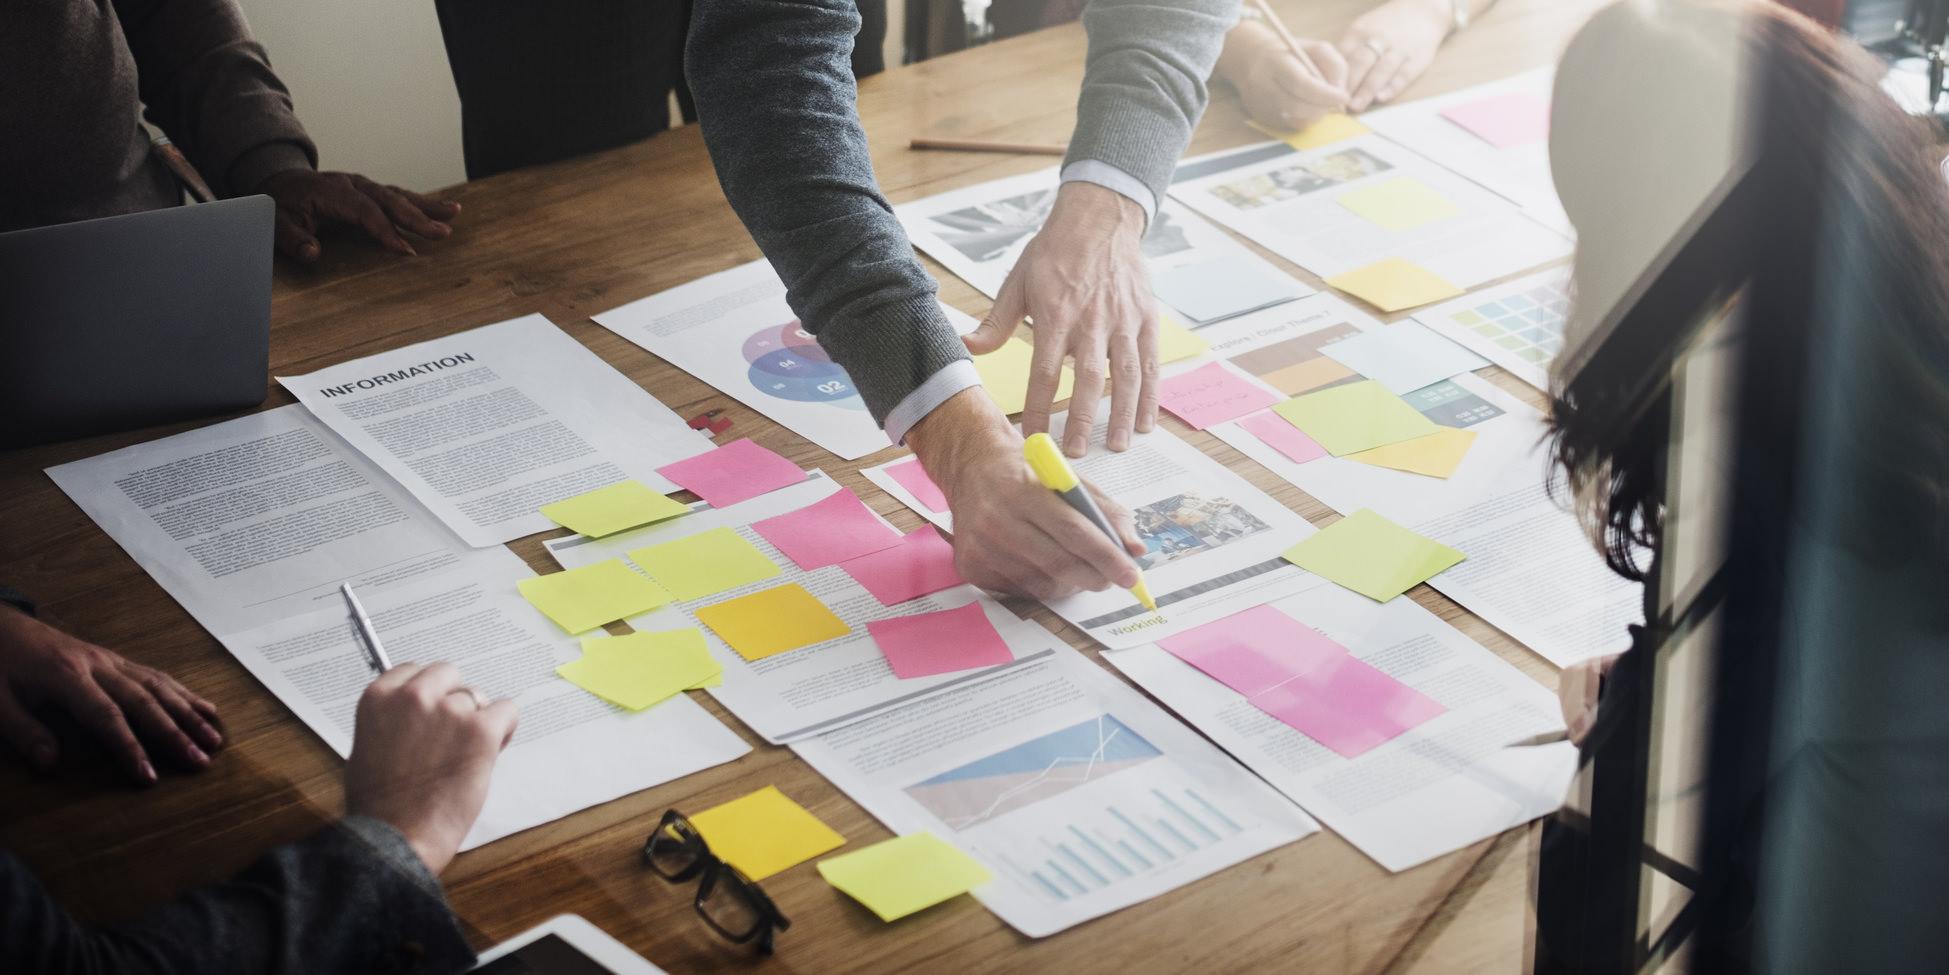 pianificazione e strategia aziendale